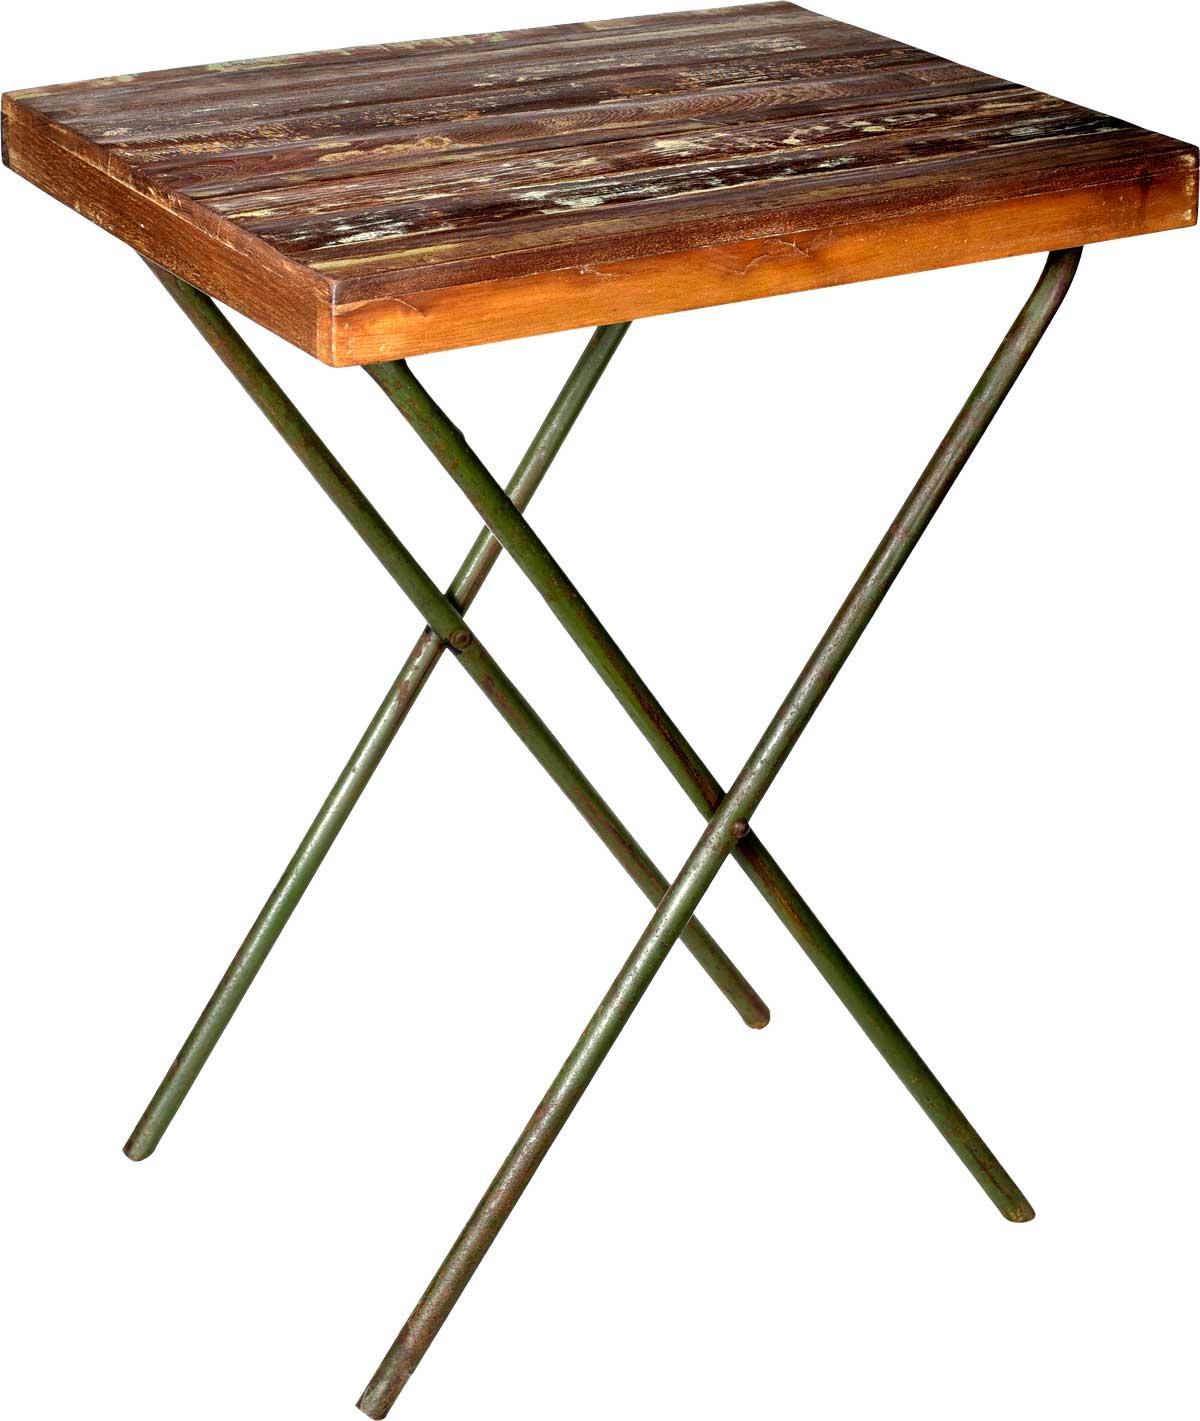 Image of   TRADEMARK LIVING Cafébord med træplade og råt gammelt jernstel